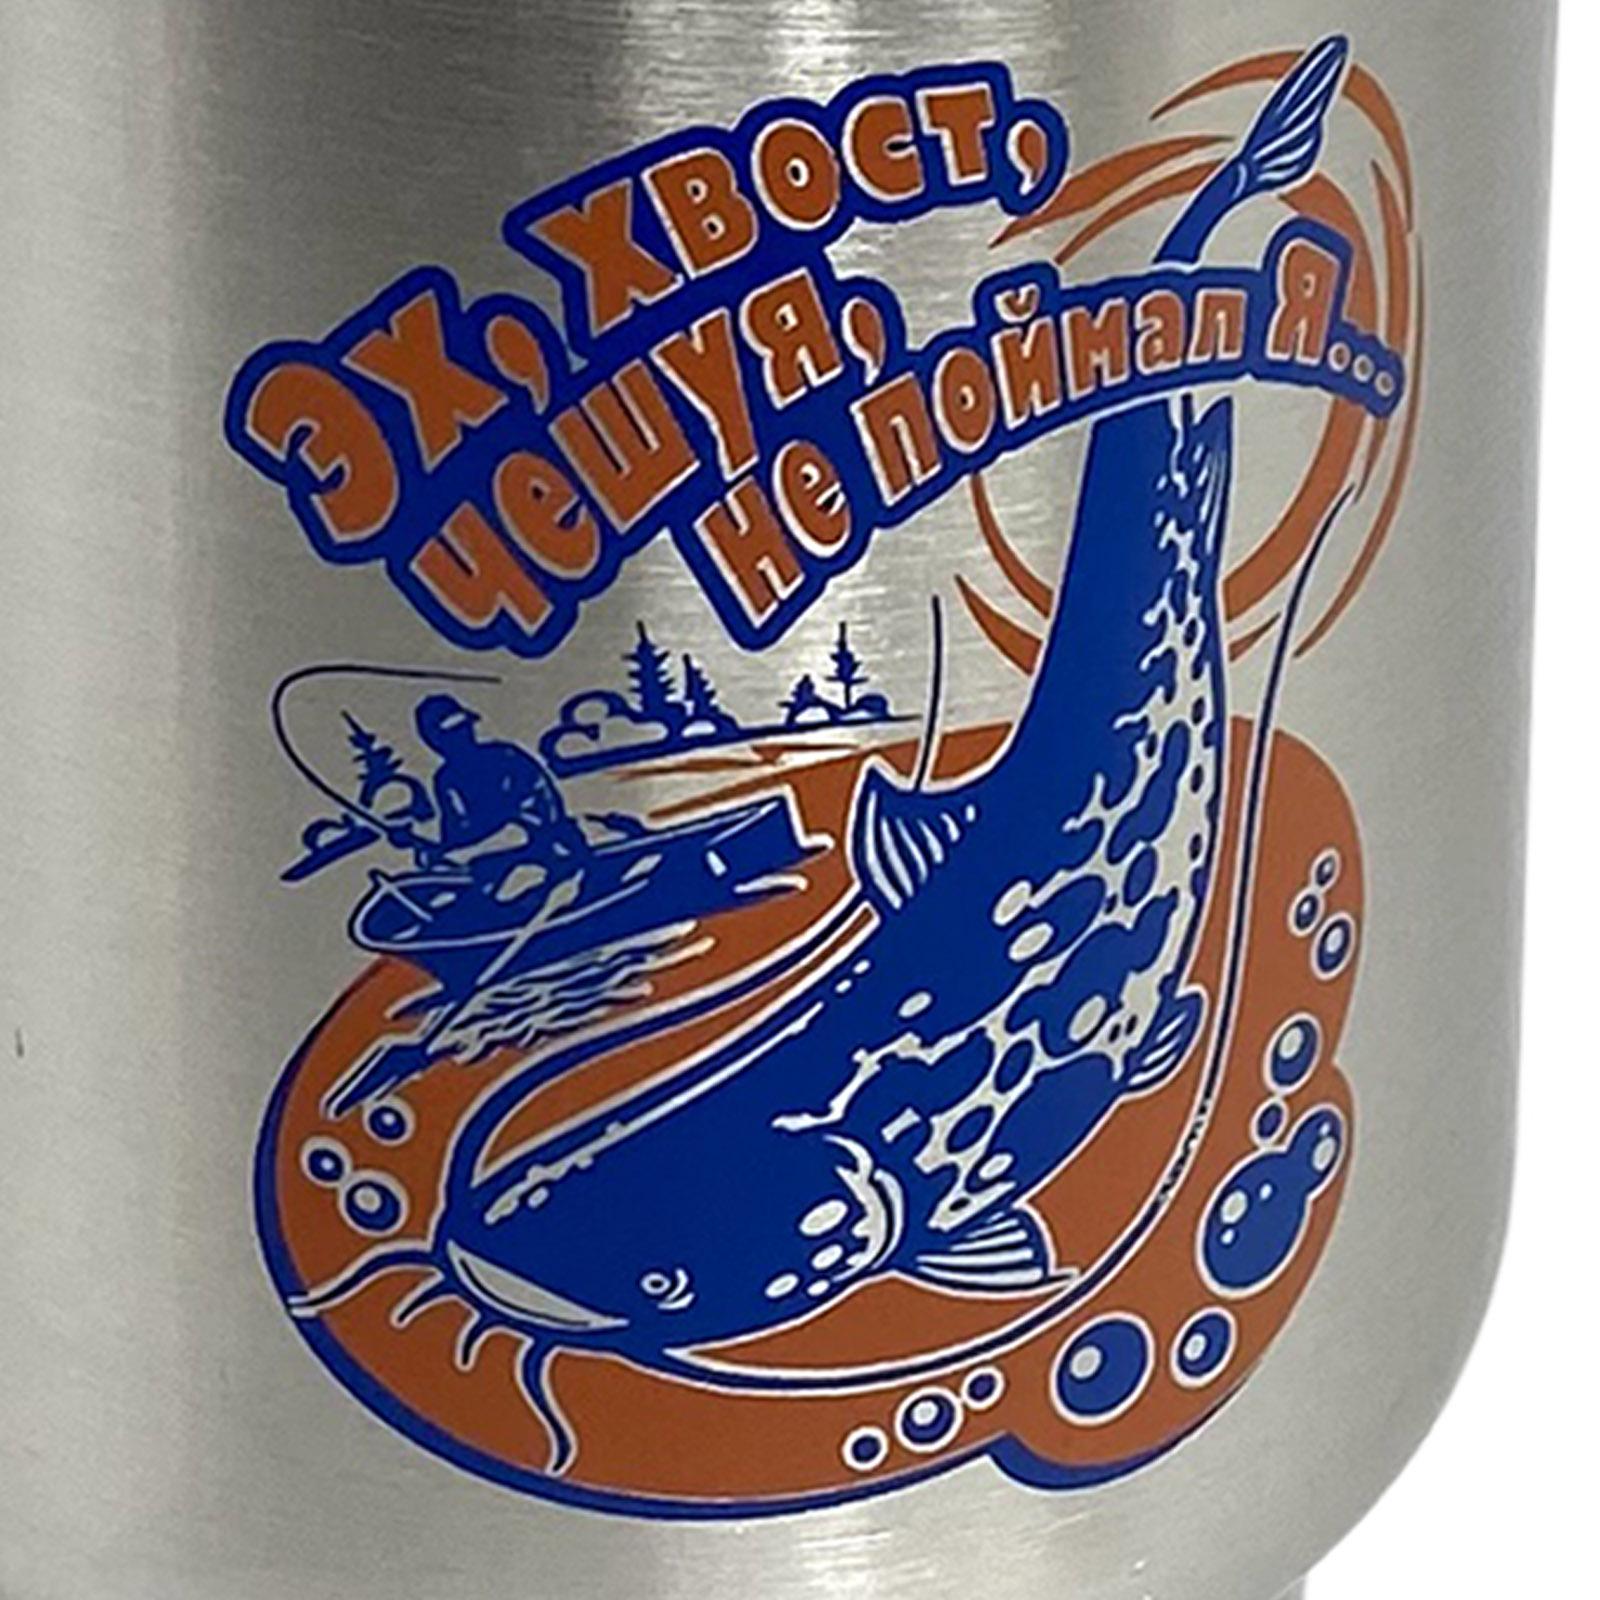 Купить термокружку рыбака выгодно онлайн